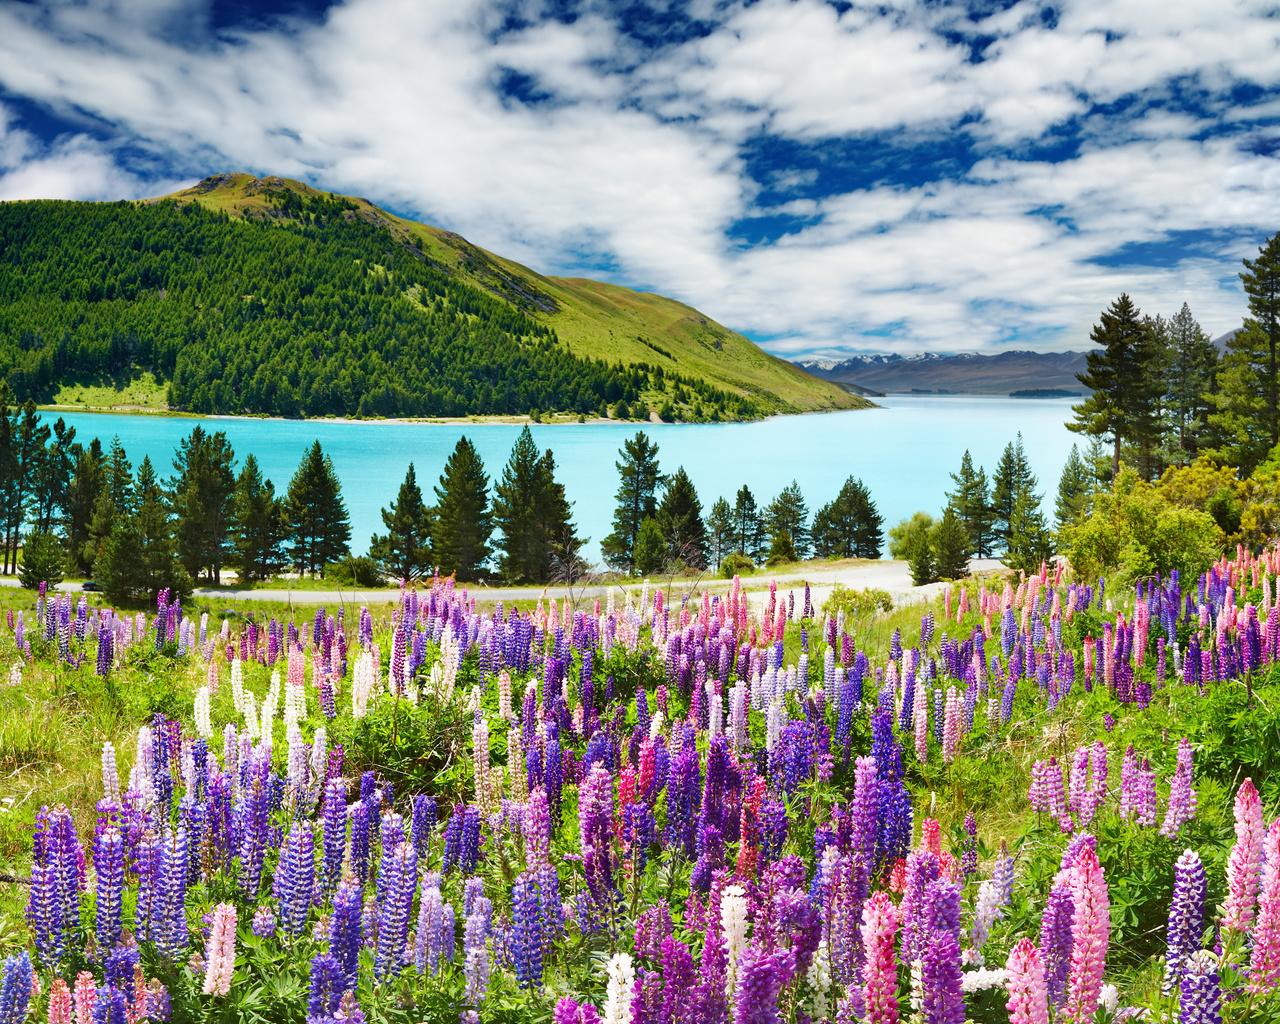 природа, пейзаж, лето, холм, озеро, цветы, люпины, деревья, леса